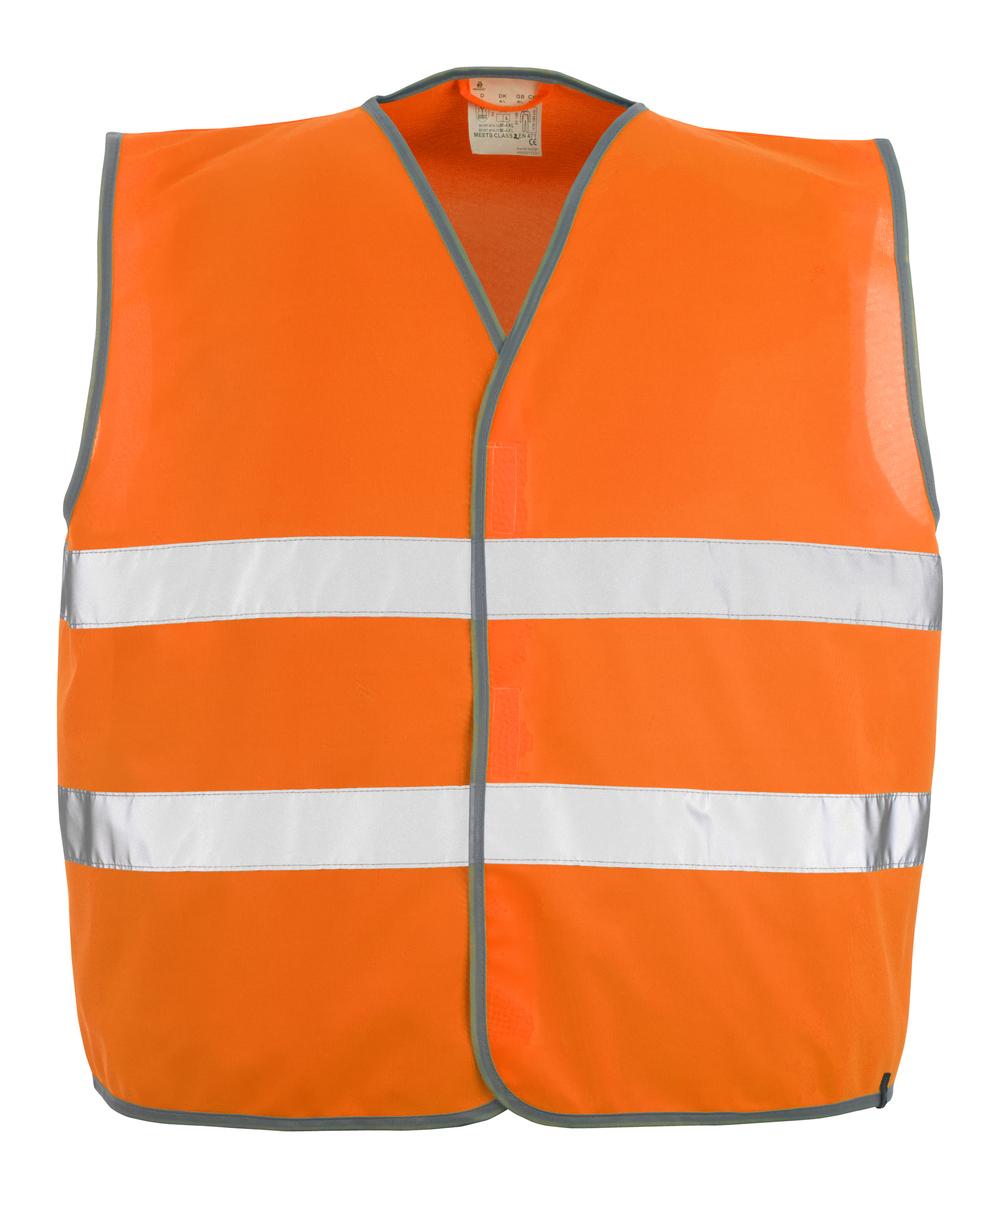 50187-874-14 Trafikvest - hi-vis orange